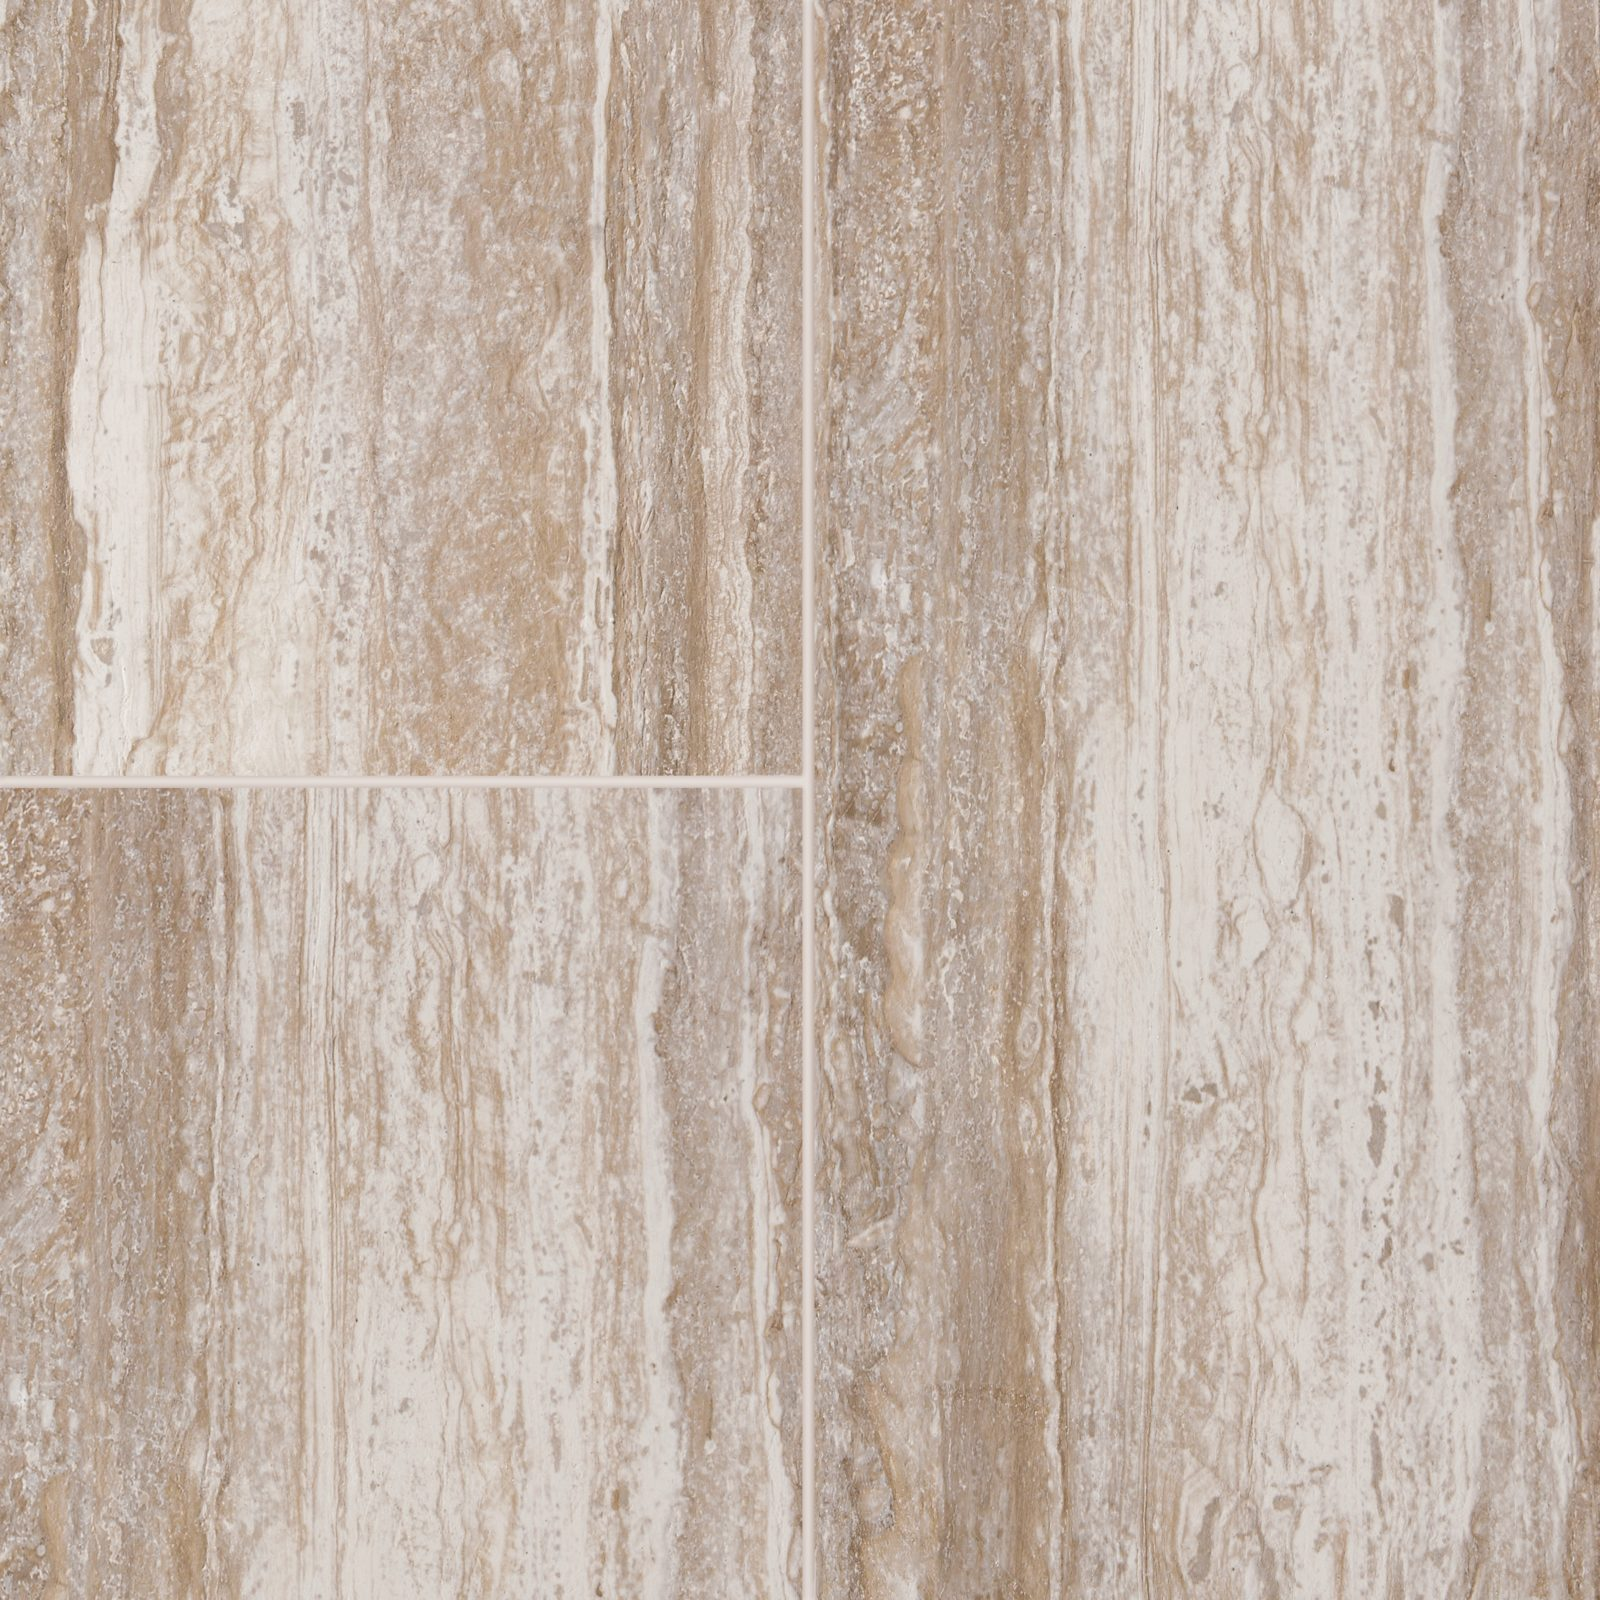 Adura max vinyl floor plank harbor beige mar110 12 x 24 for Max floor